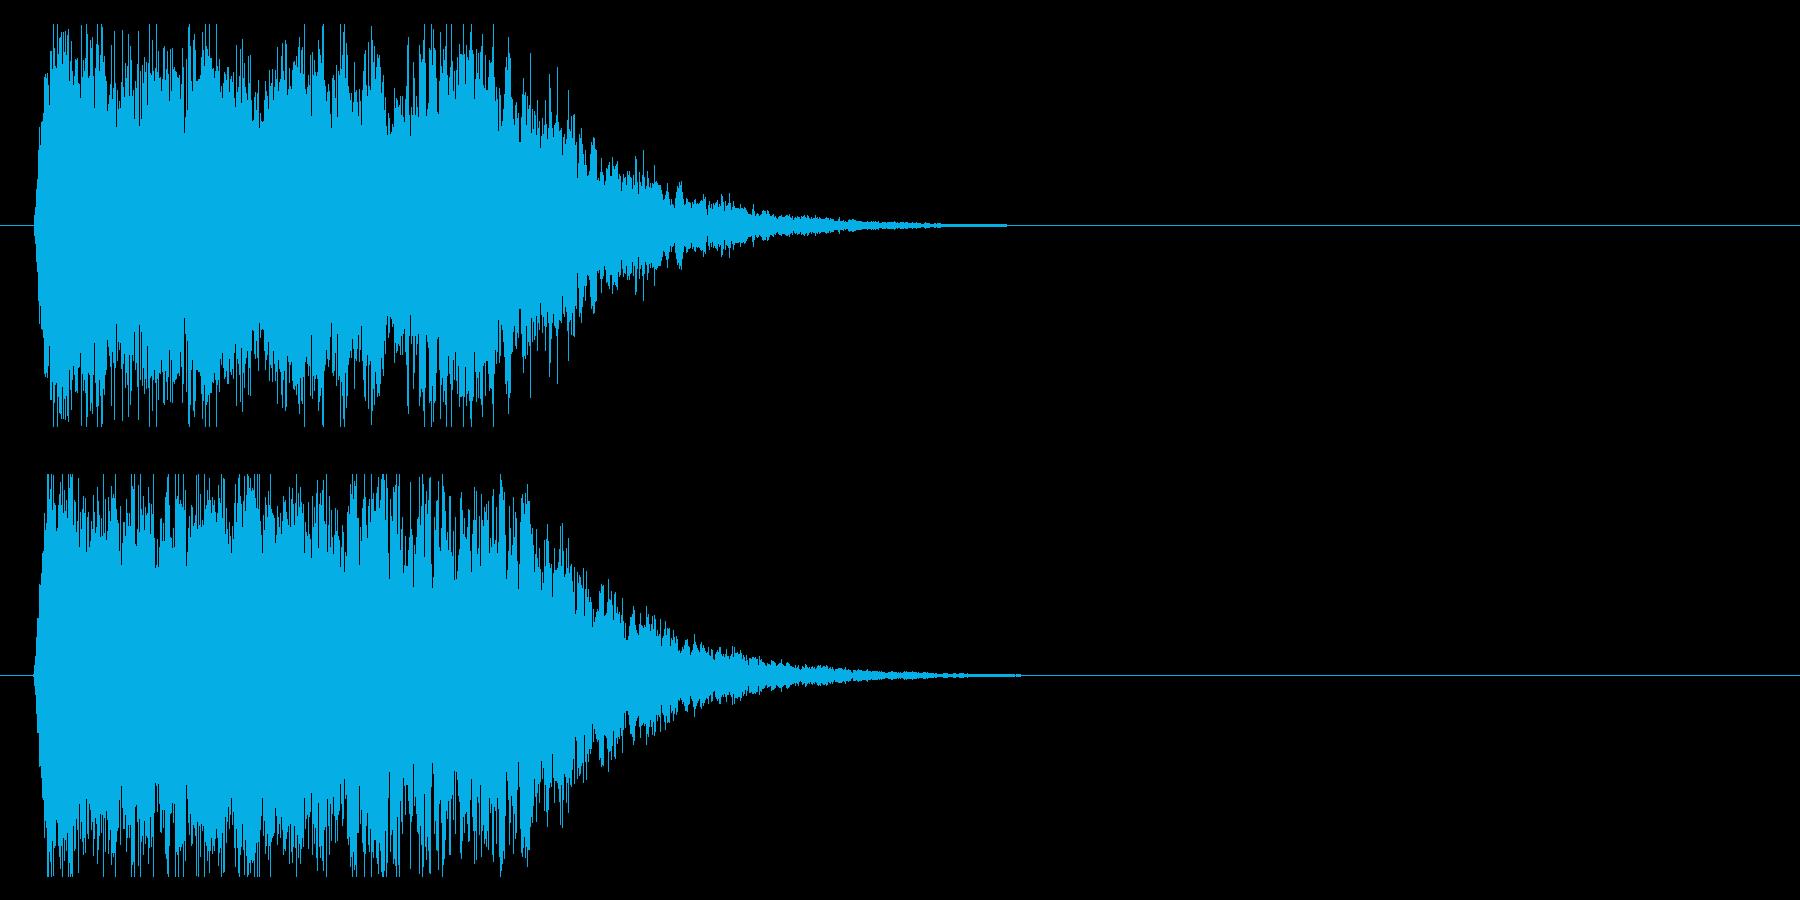 インパクト金属系シャキーンの再生済みの波形